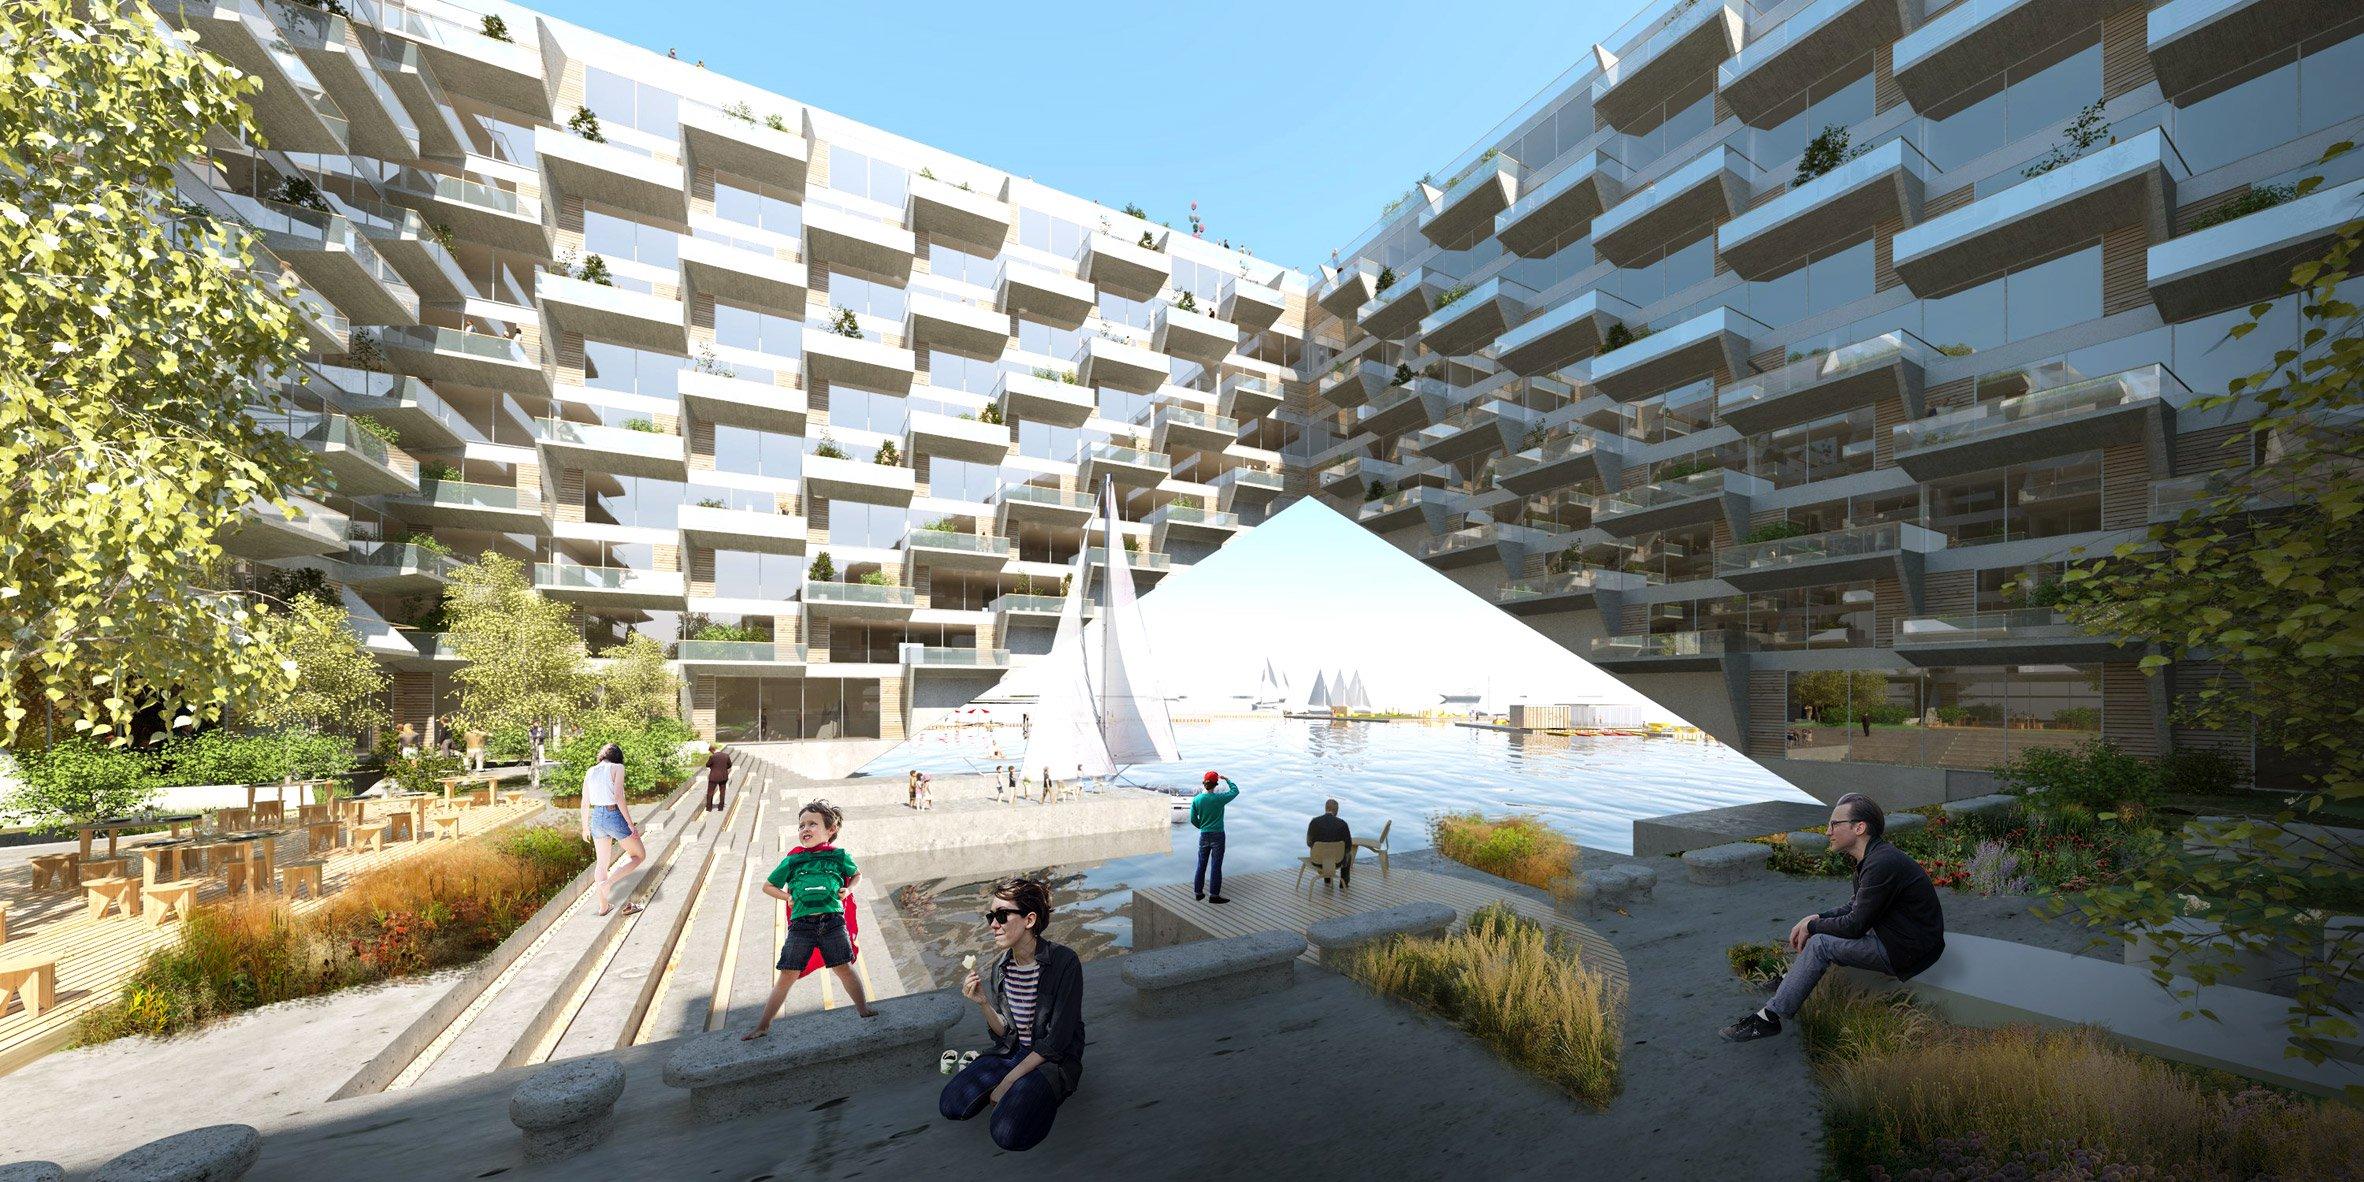 Sluishuis kiến trúc độc đáo tòa nhà thiết kế nổi.03